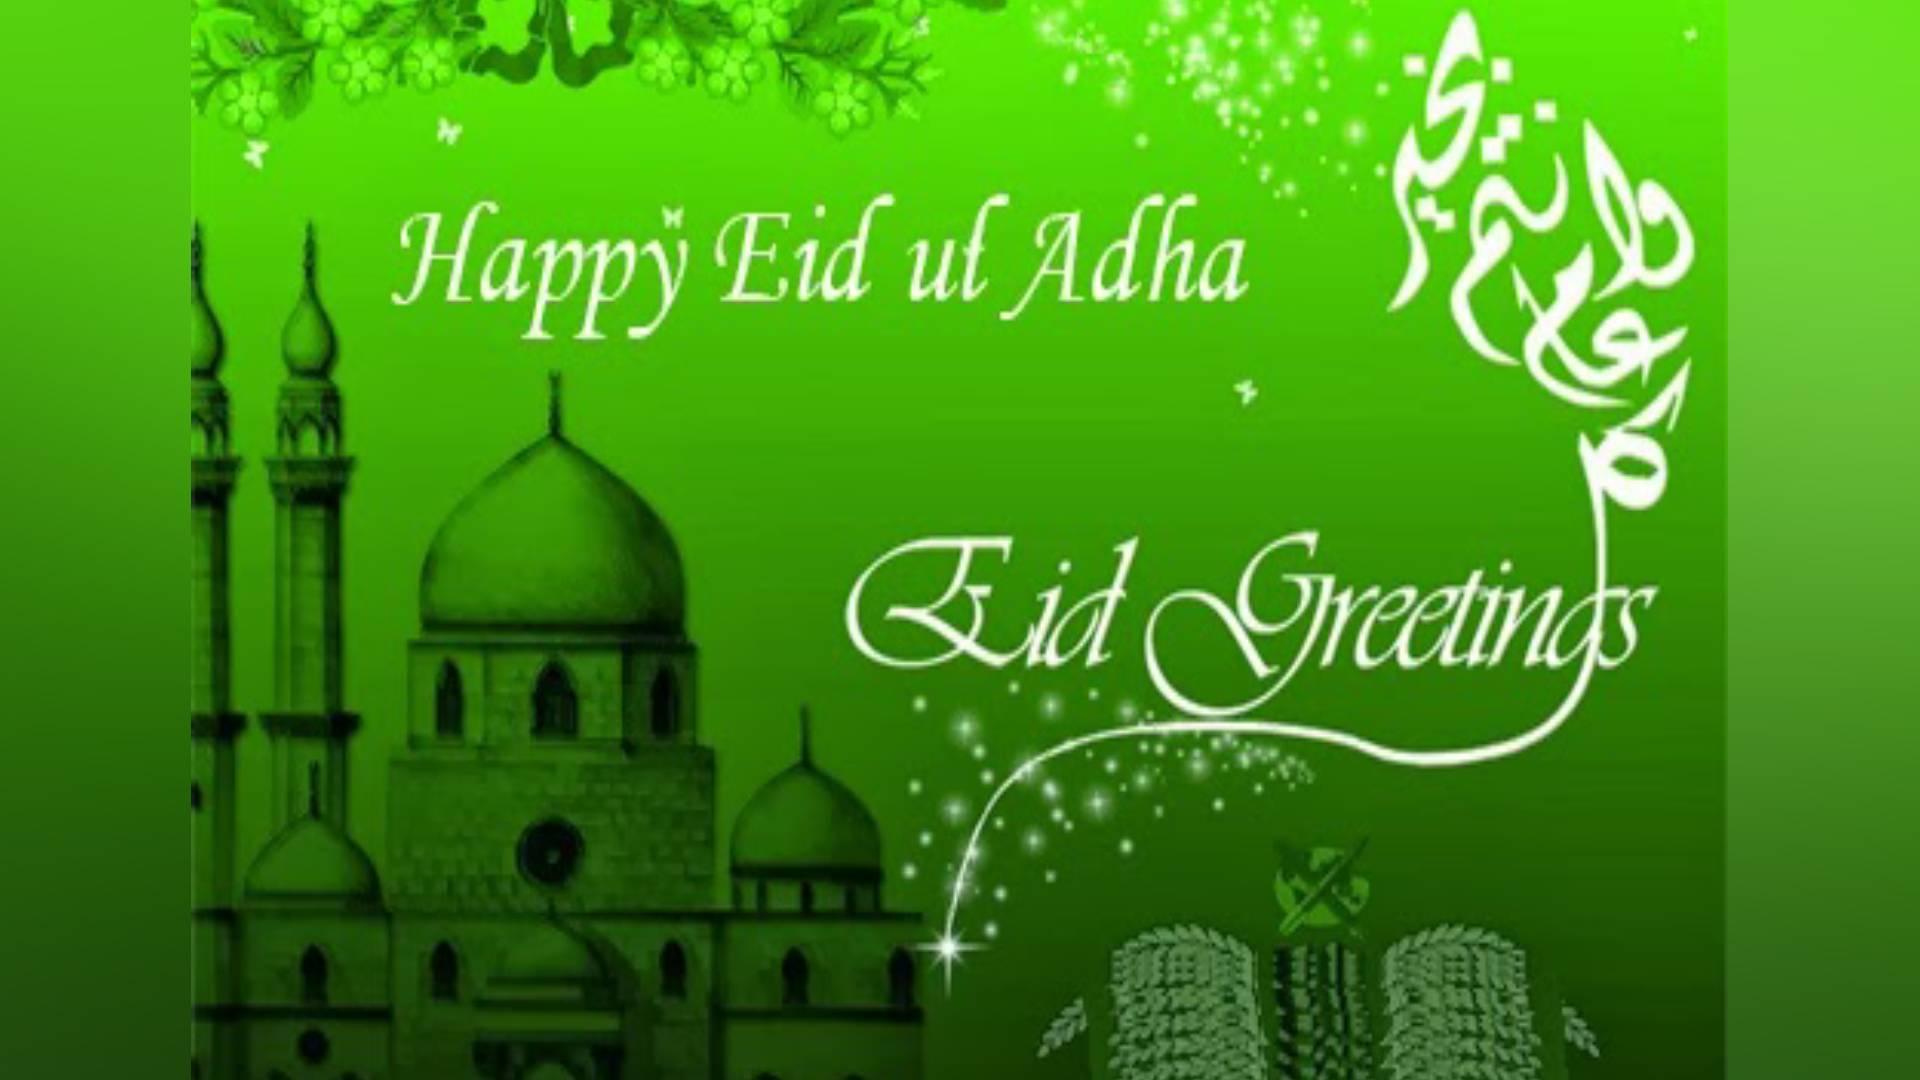 Eid Al-Adha 2019: बकरीद पर अपनों को भेजे दिल खुश कर देने वाली ये शायरियां, दोगुनी हो जाएंगी खुशियां